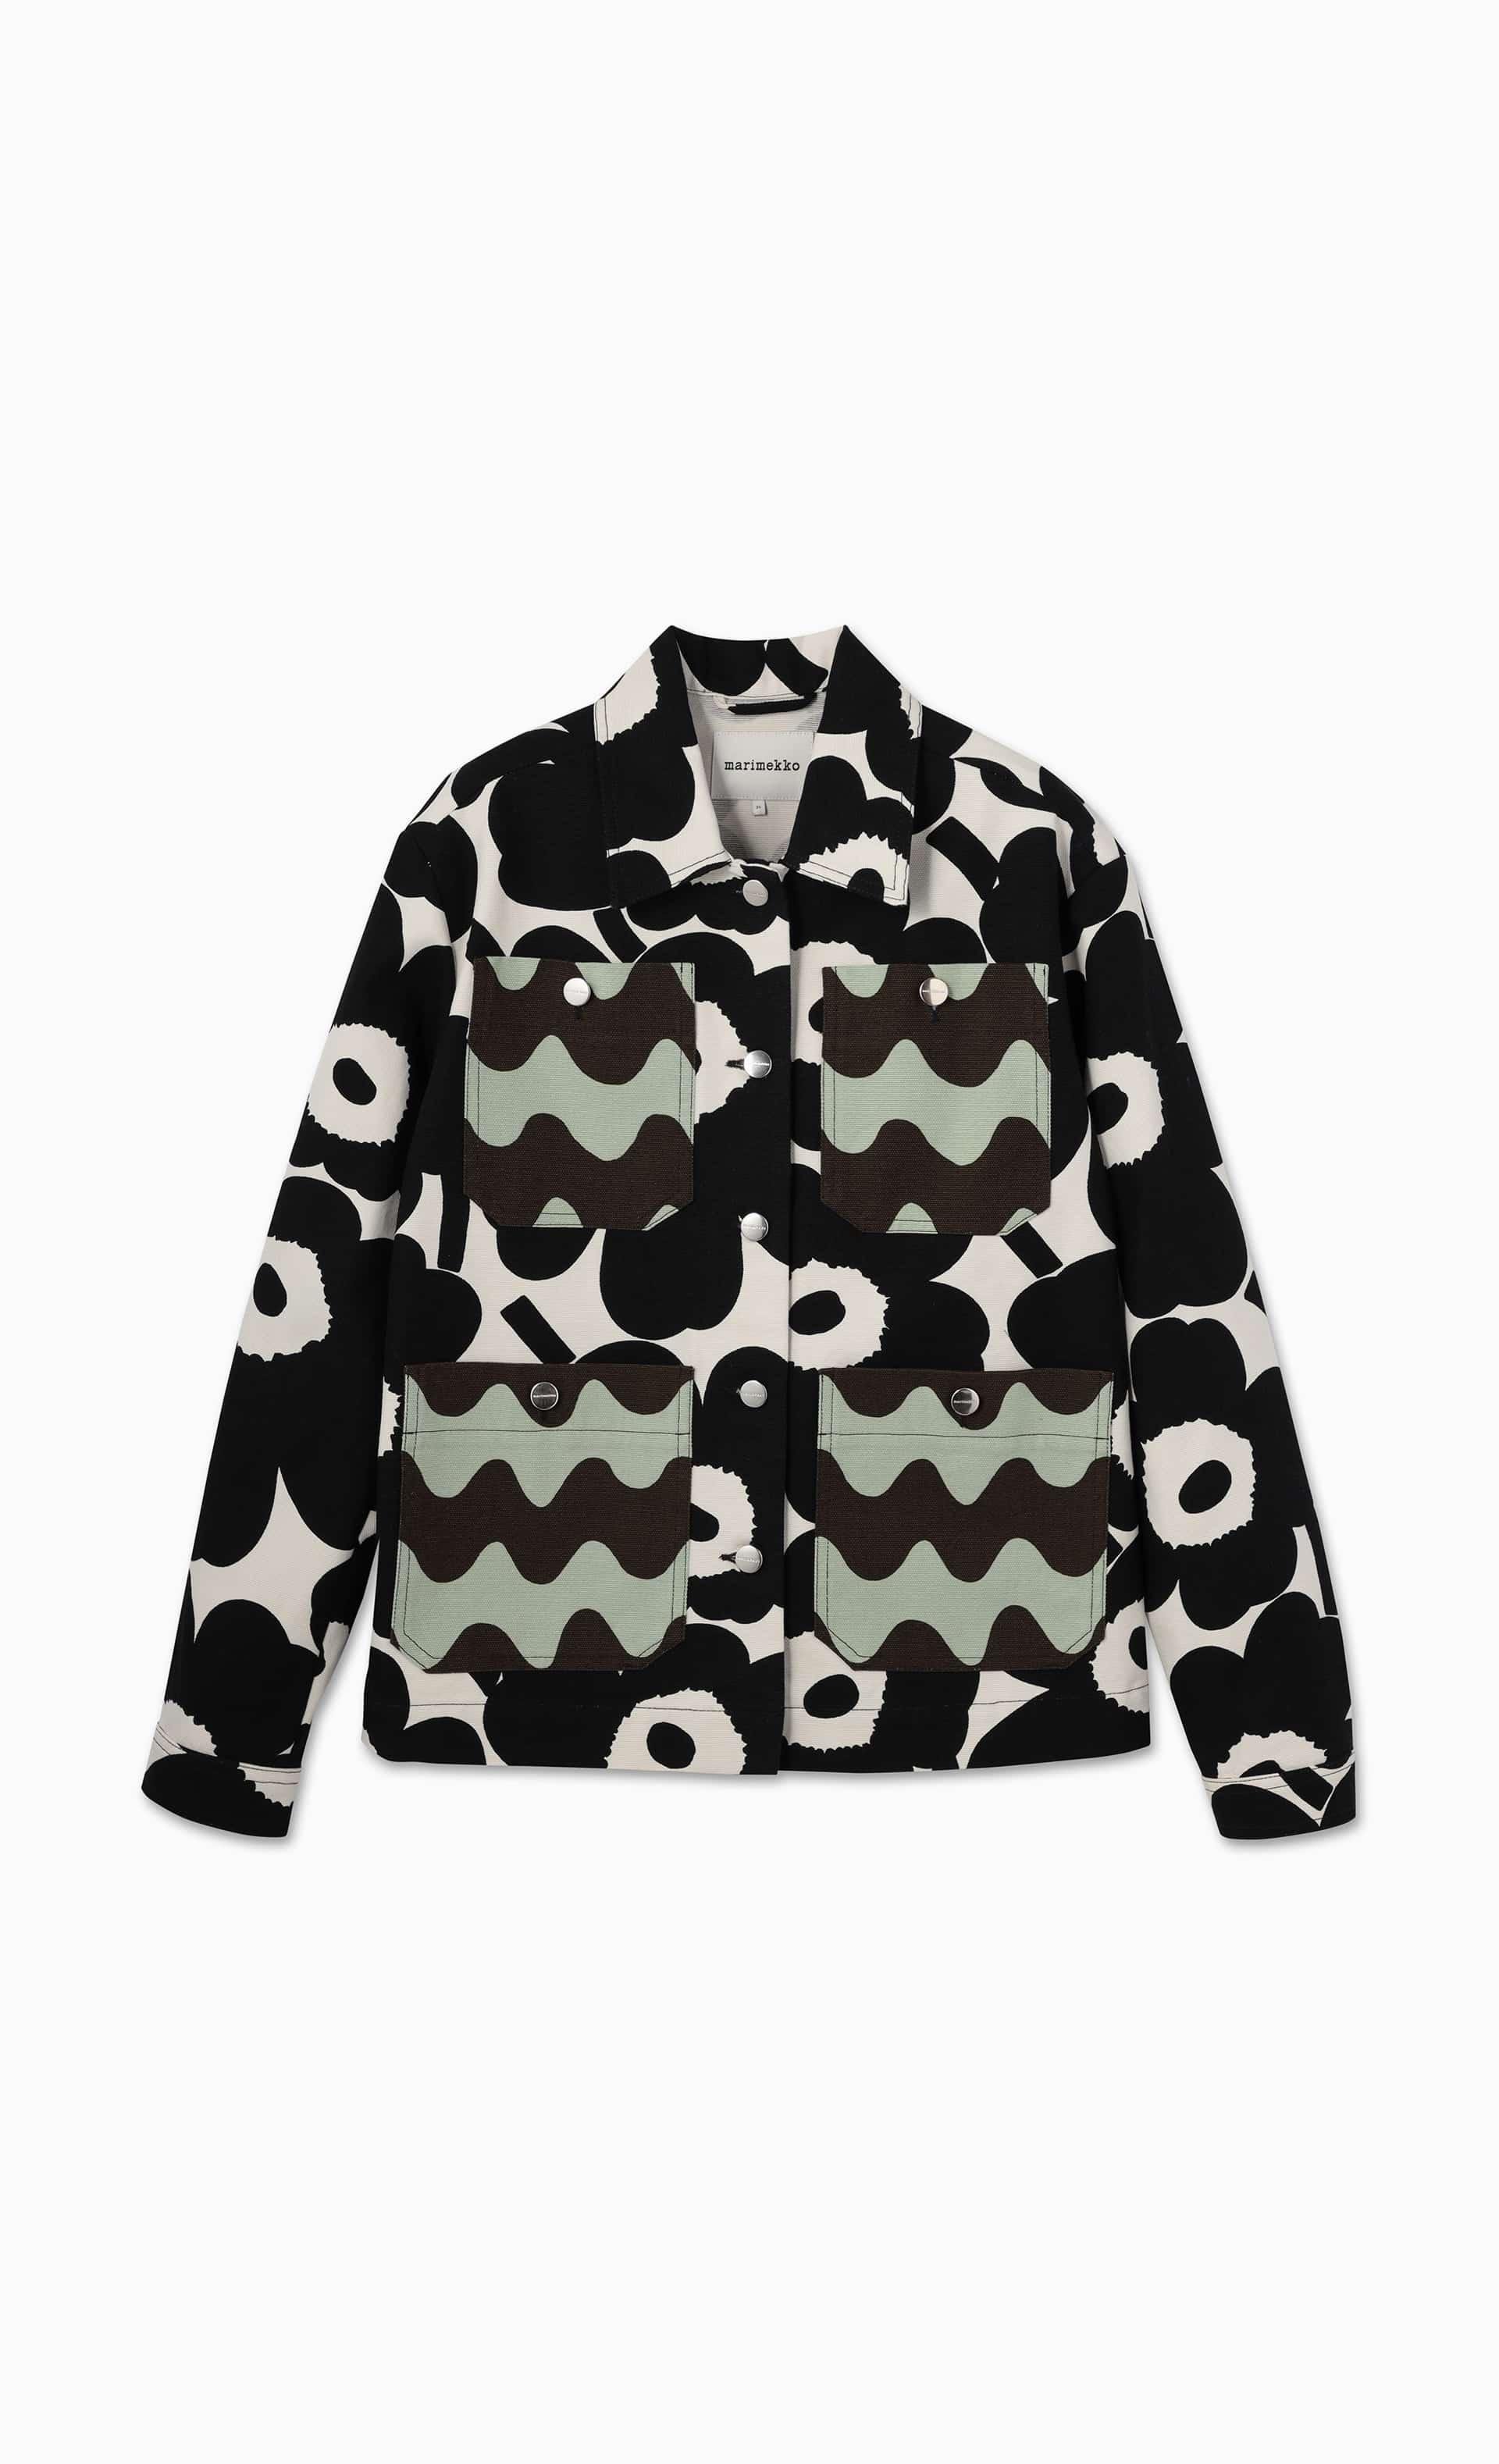 Marimekko Co-created Kauris ジャケット